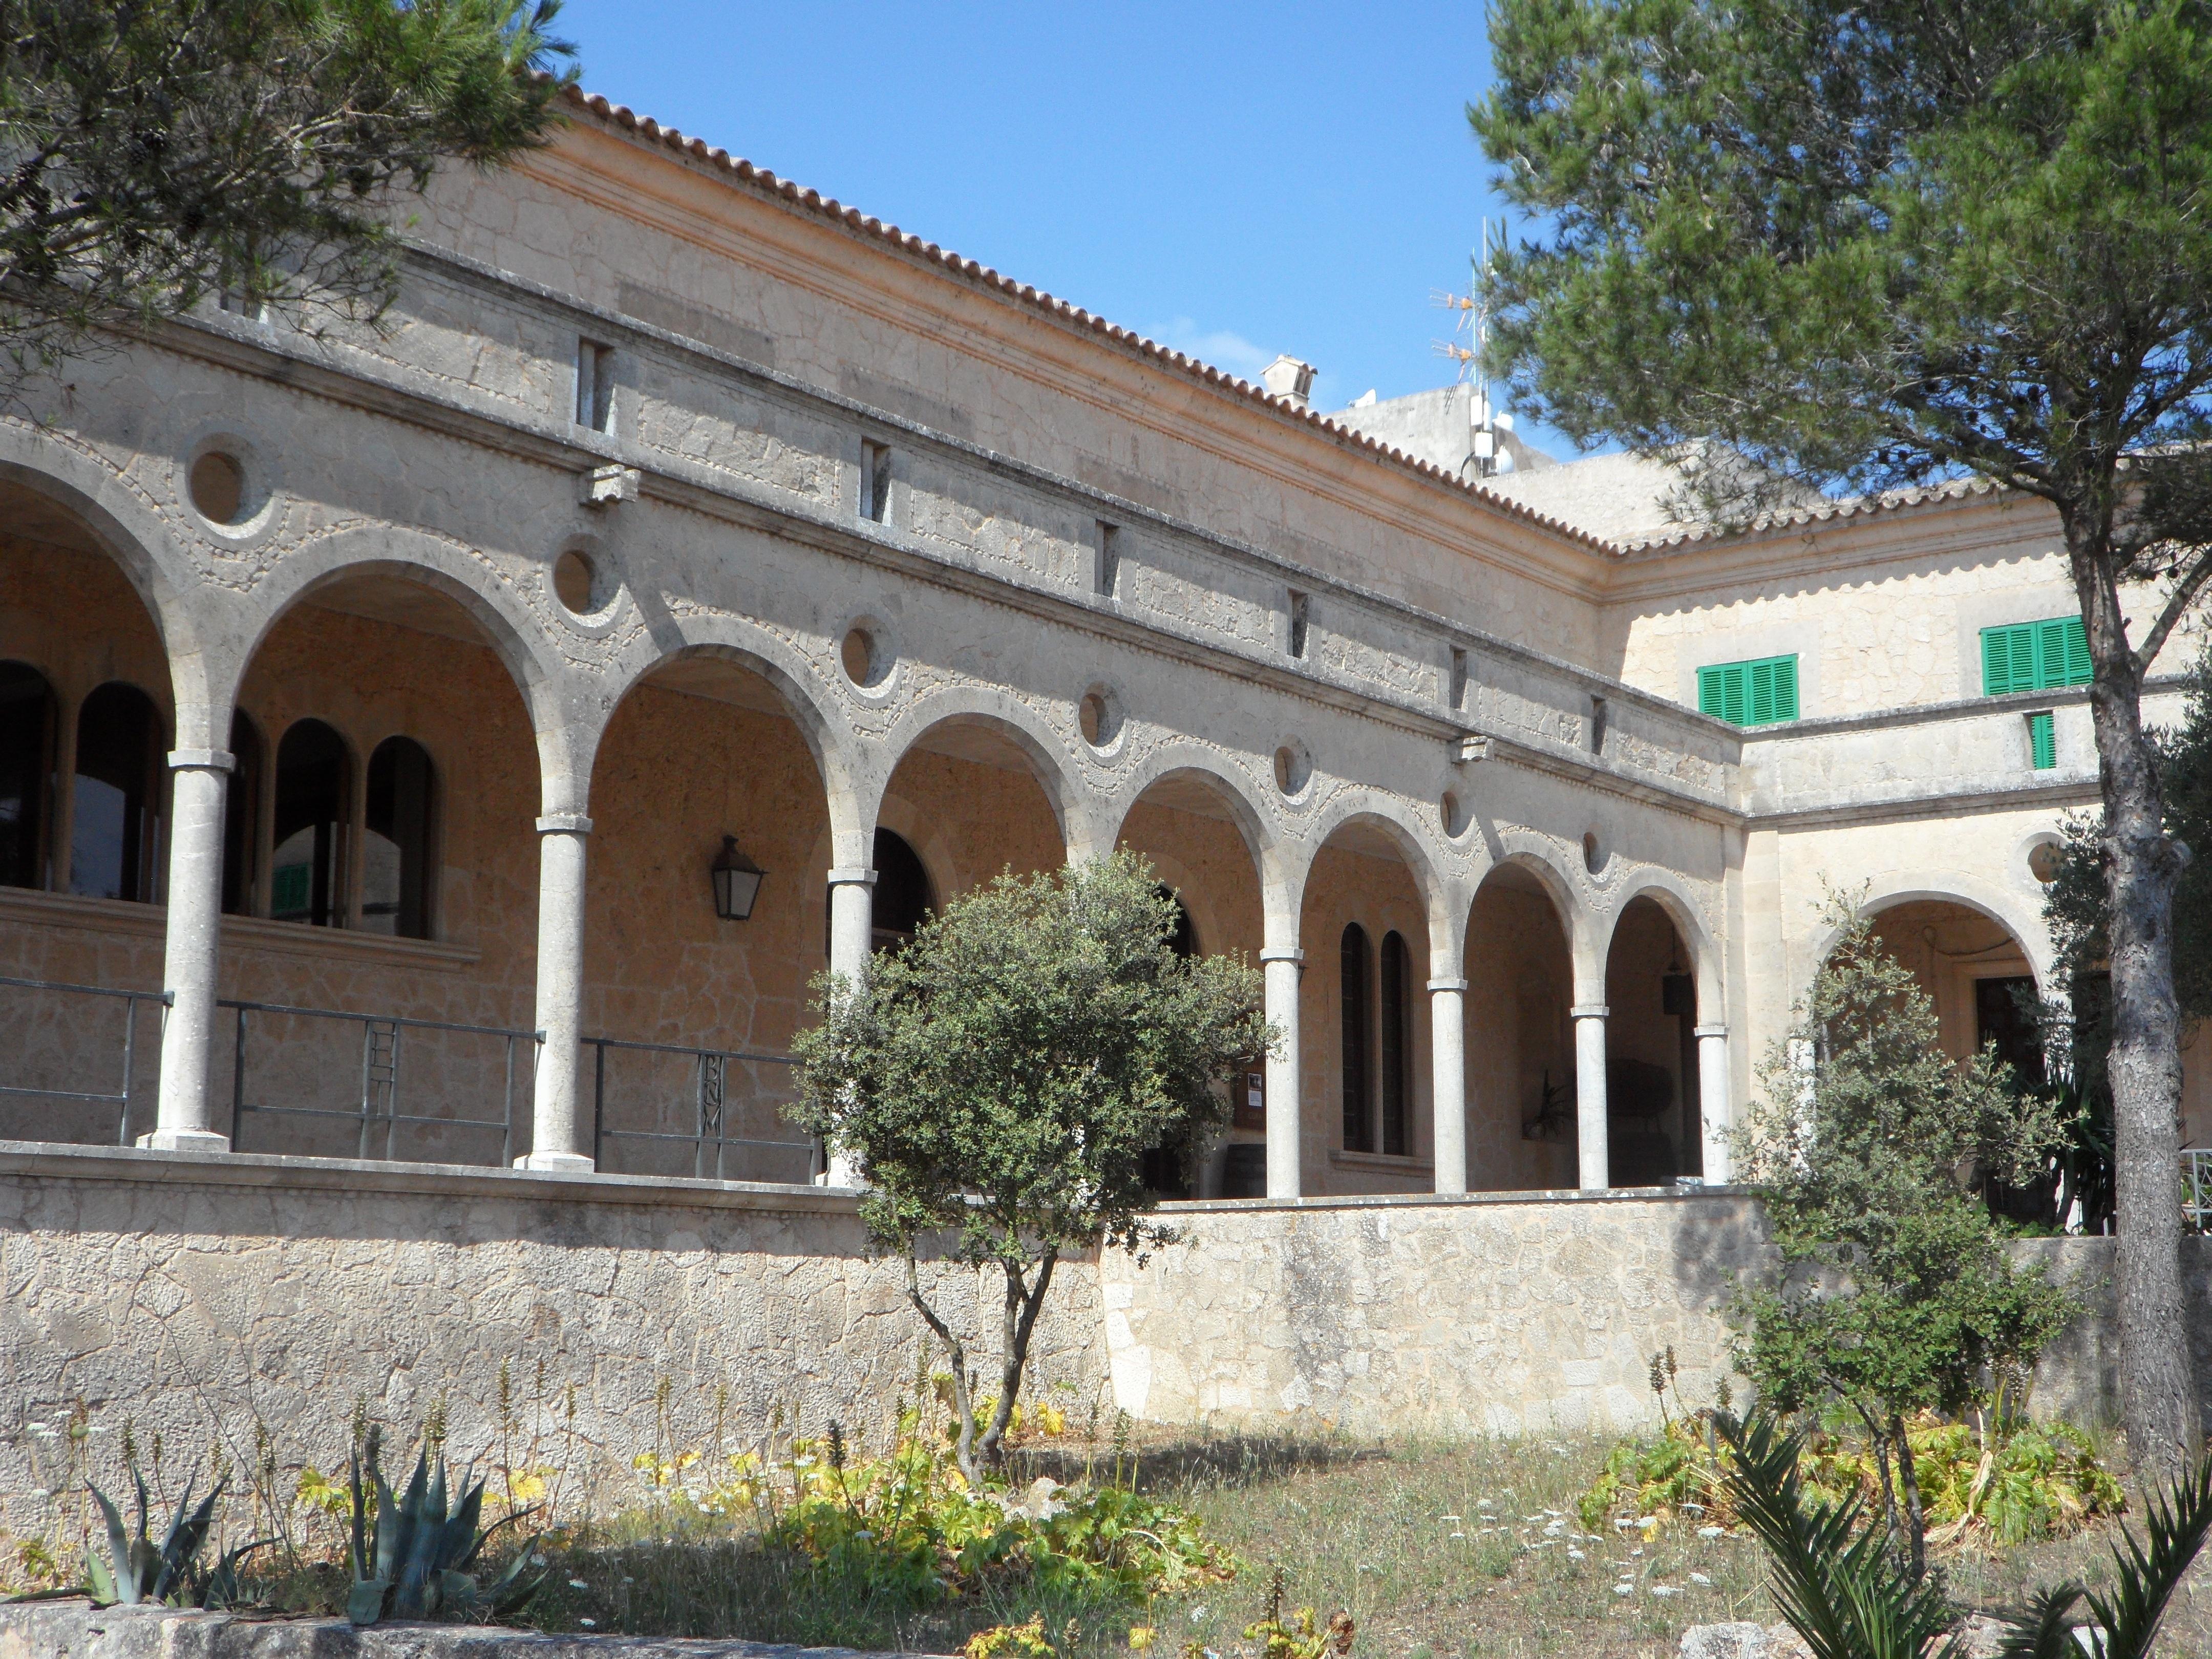 Gratuites architecture villa b¢timent palais cambre